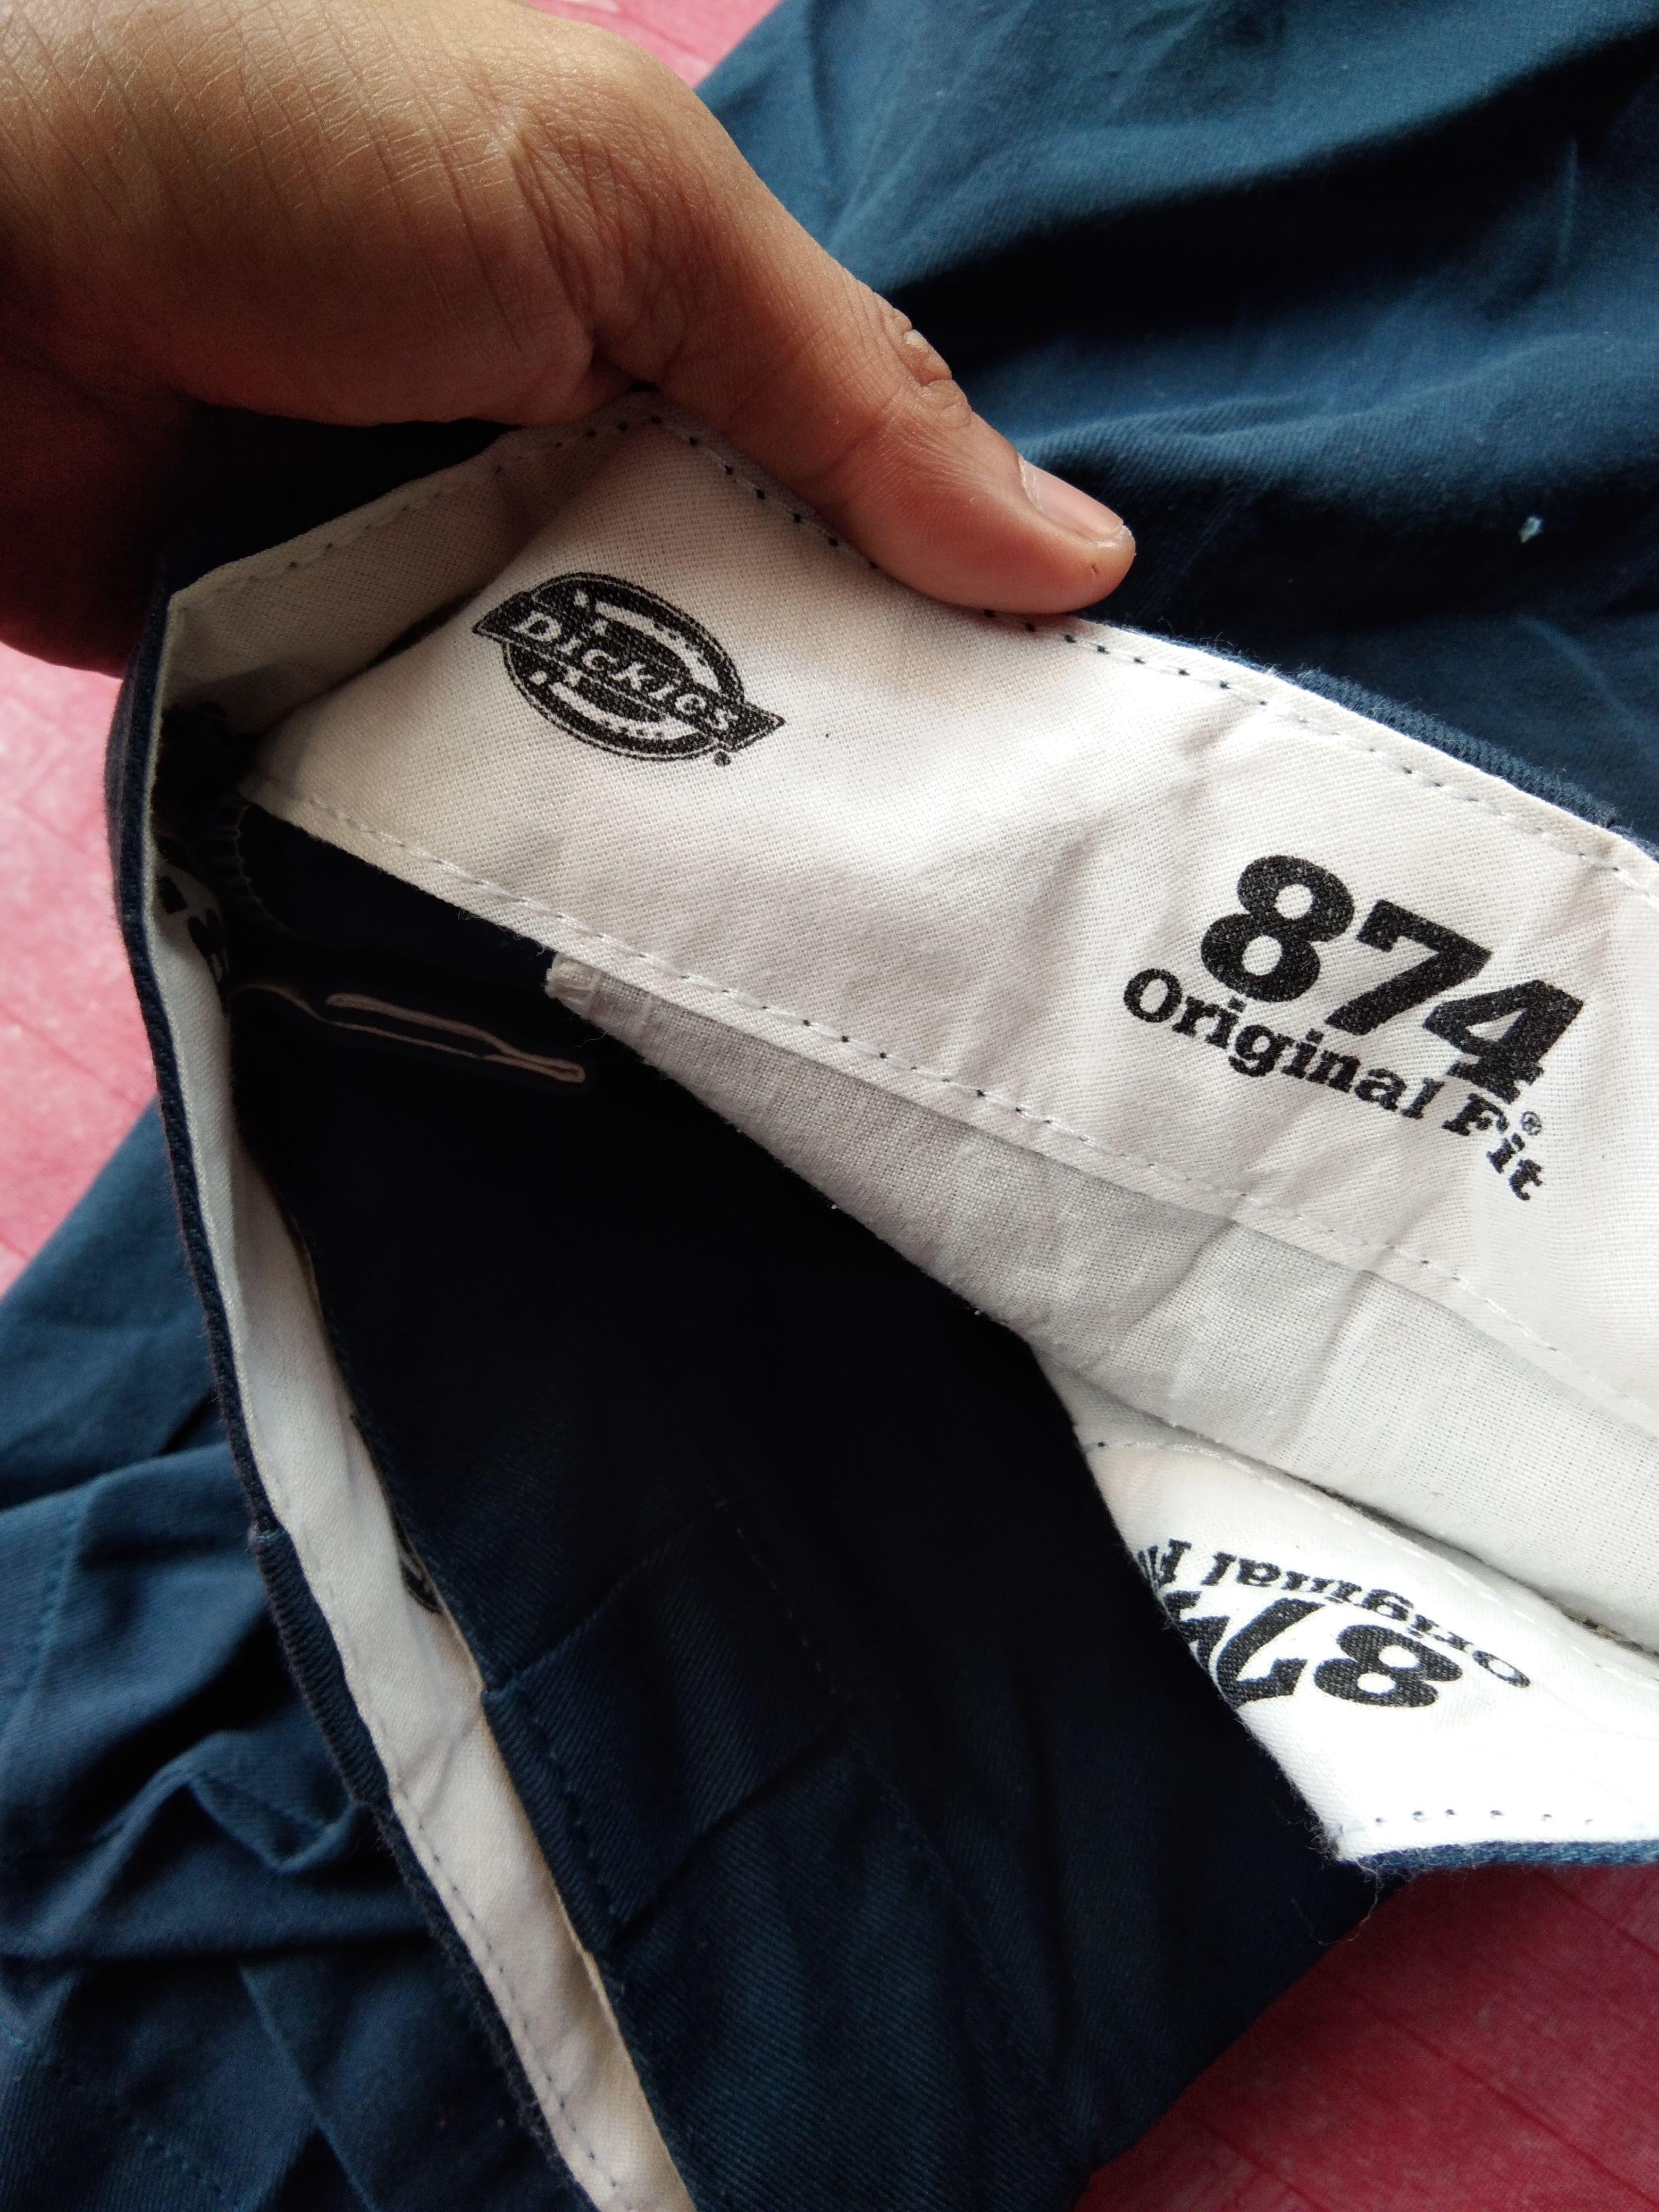 งานคัด กางเกงแนวสเก๊ต มือสอง ตลาดโรงเกลือ